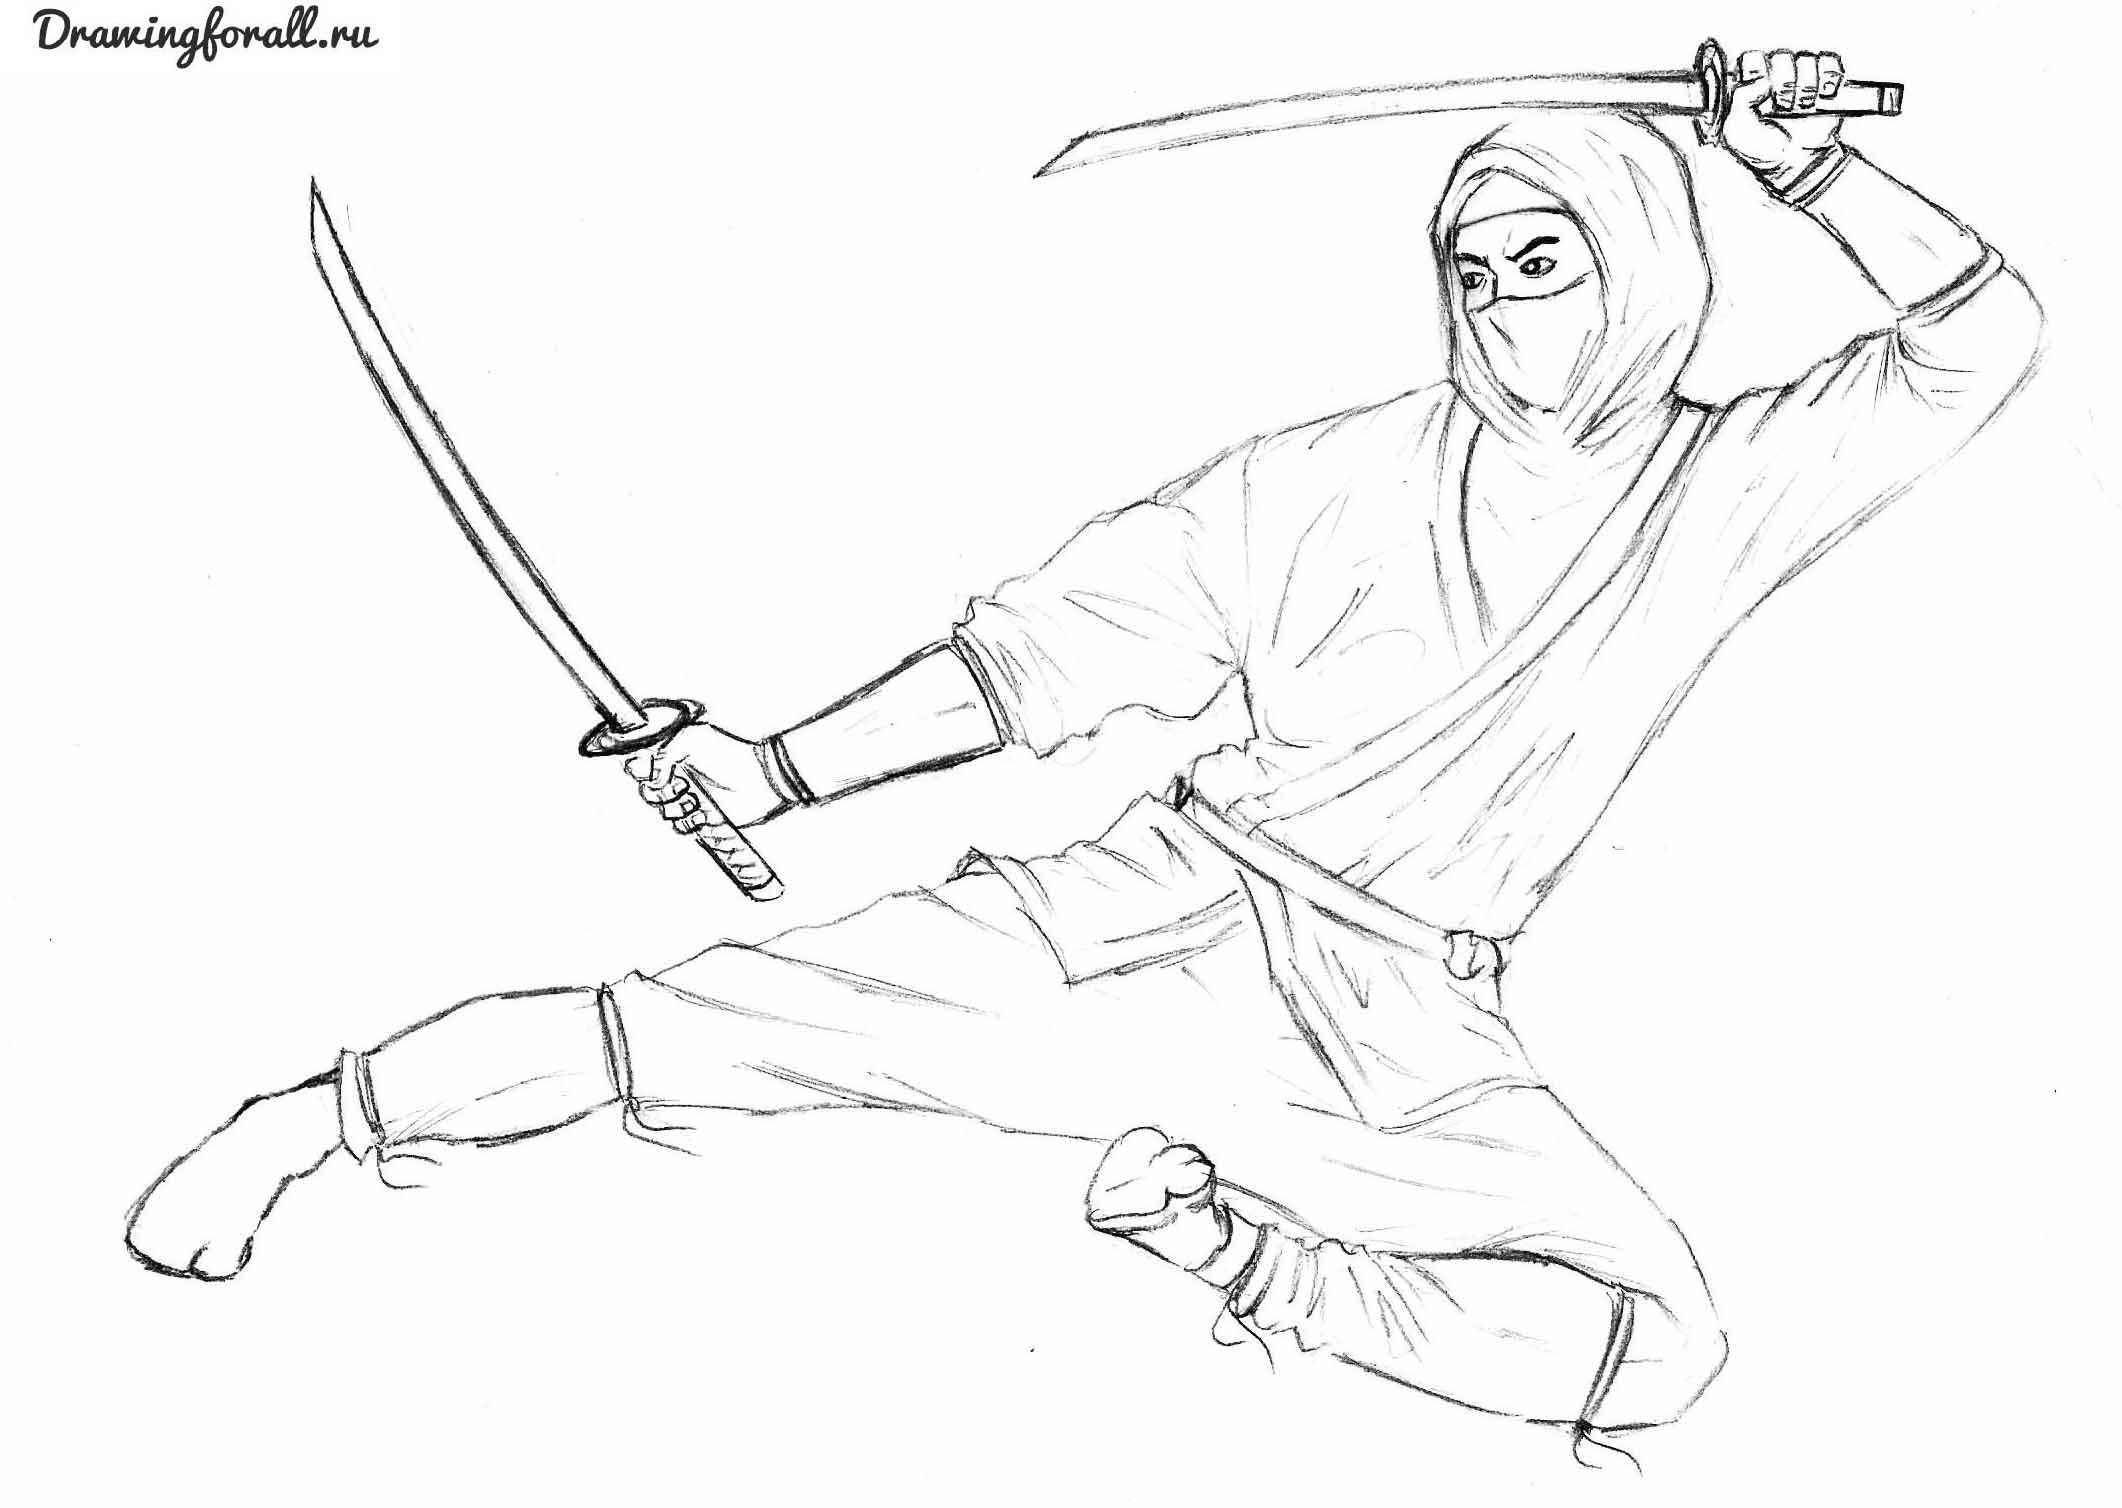 Простые аниме позы для срисовки, рисунки 11